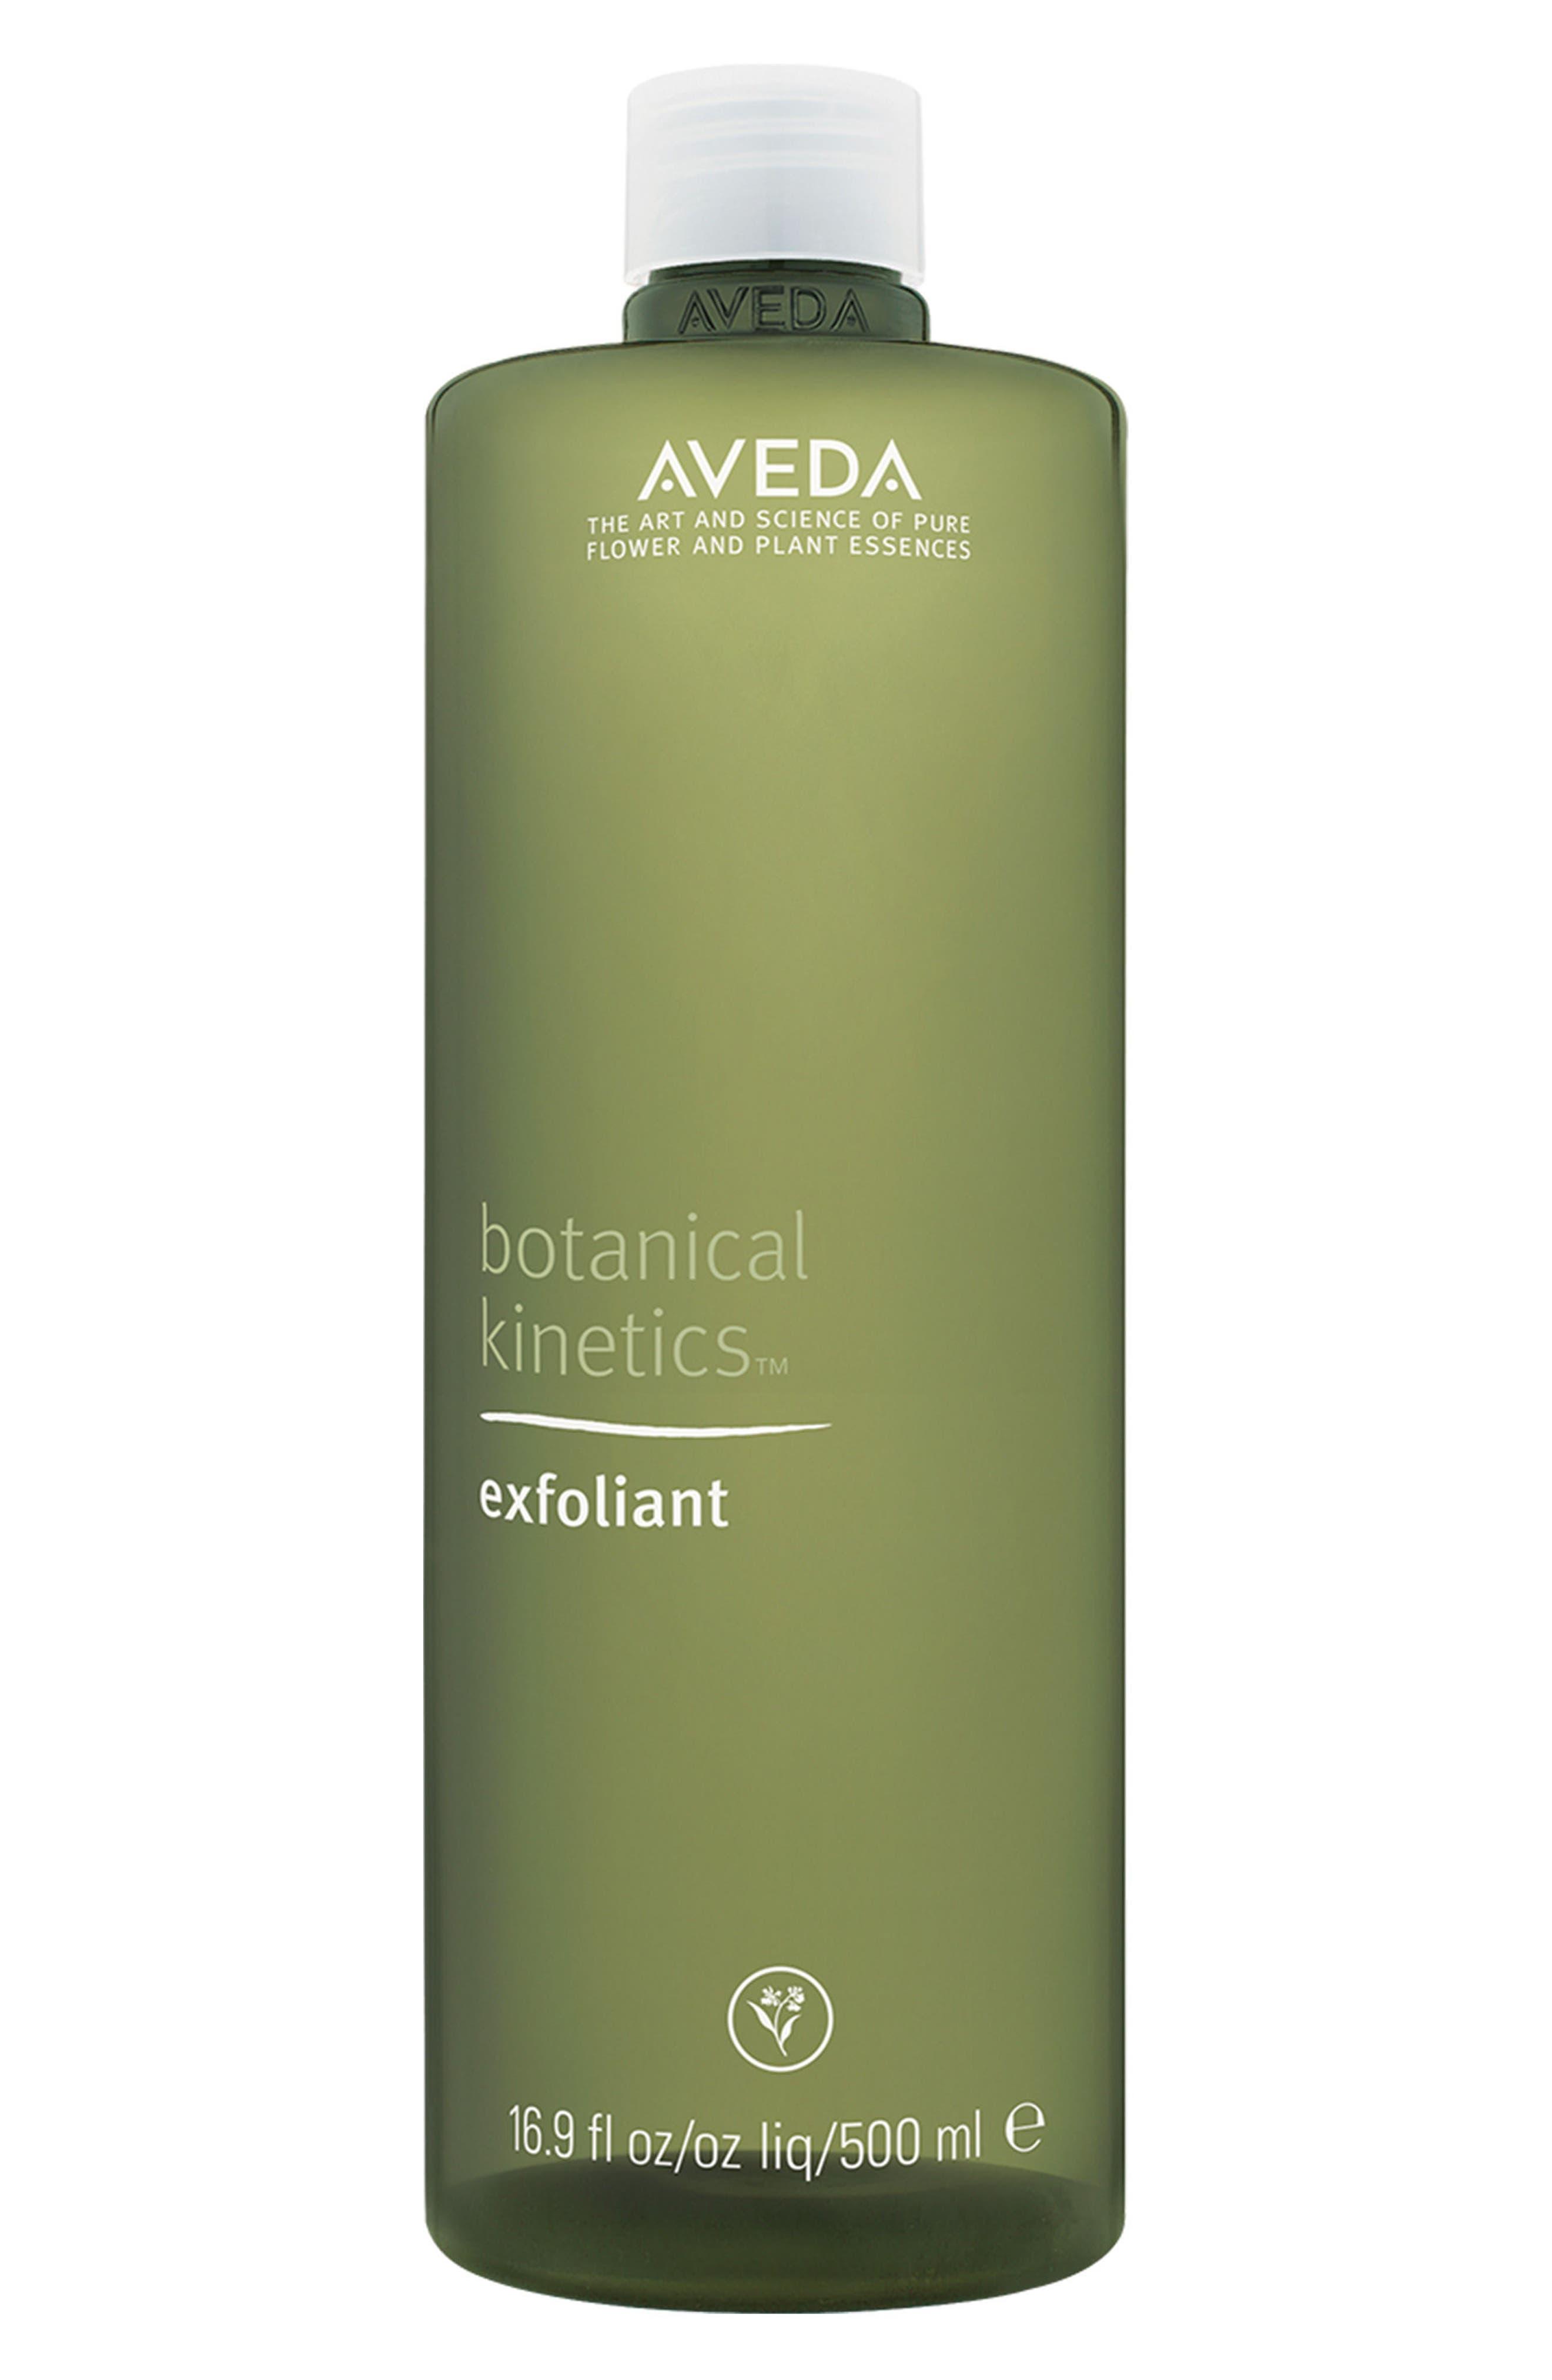 Main Image - Aveda 'botanical kinetics™' Exfoliant